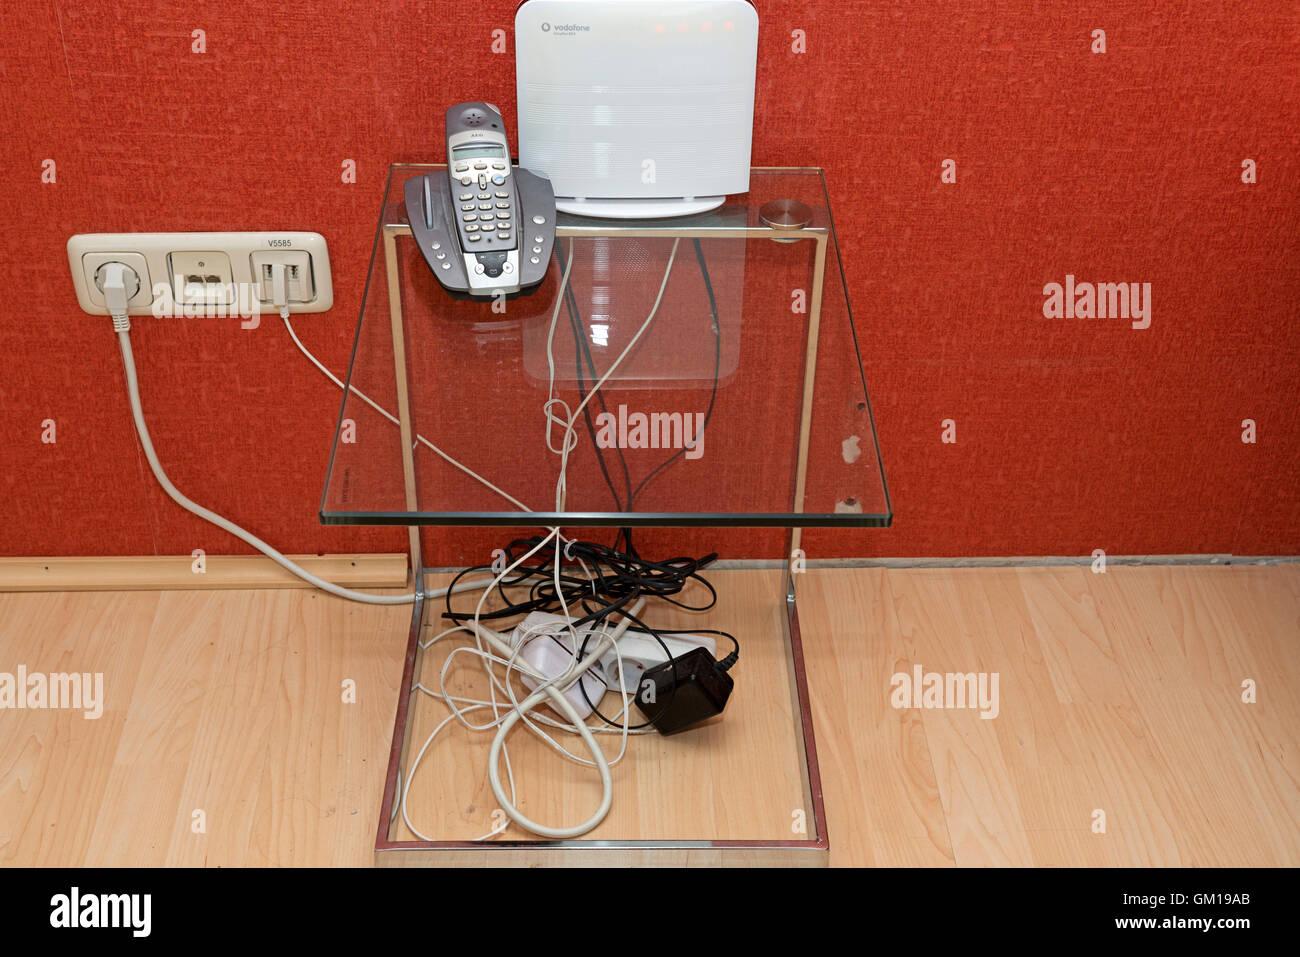 Ligne fixe et une connexion Wi-Fi gratuite fort dans un Allemand Accueil Photo Stock